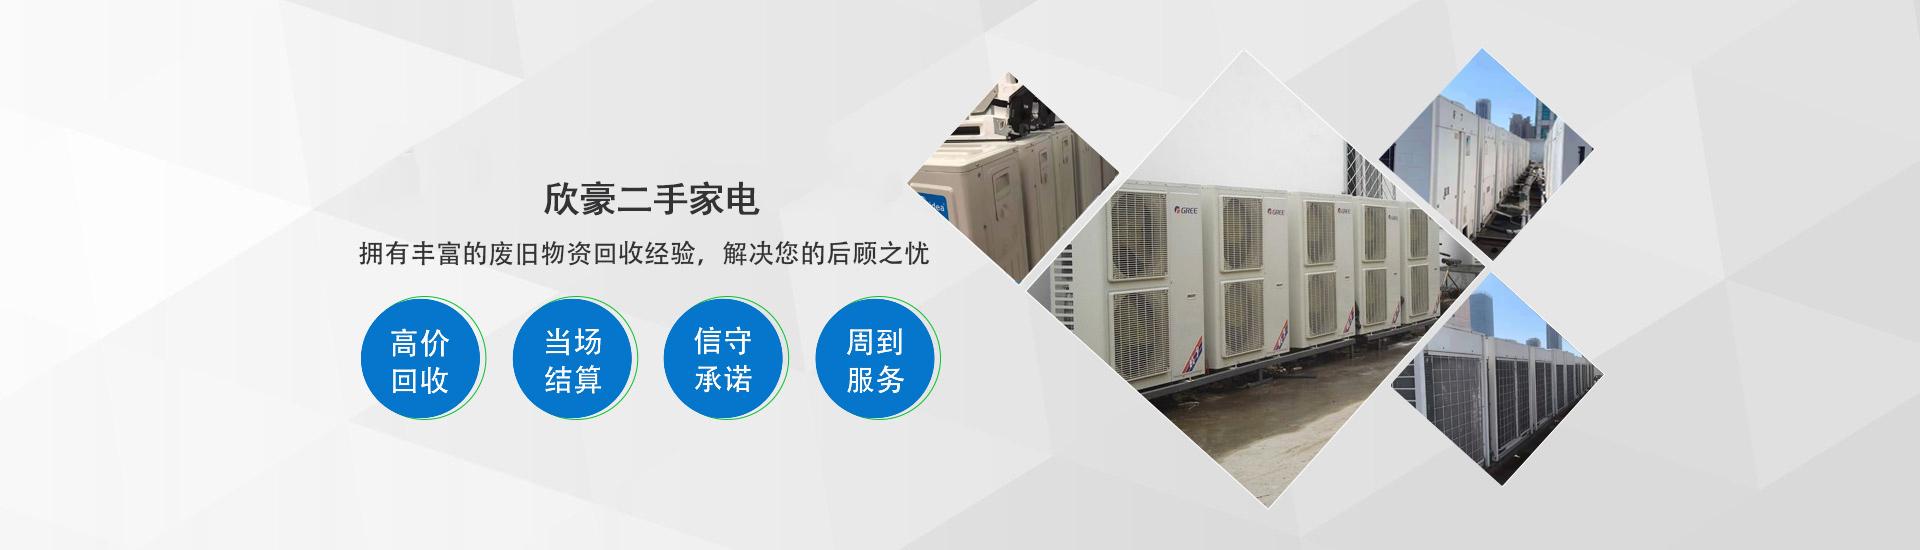 上海厨房设备回收厂家